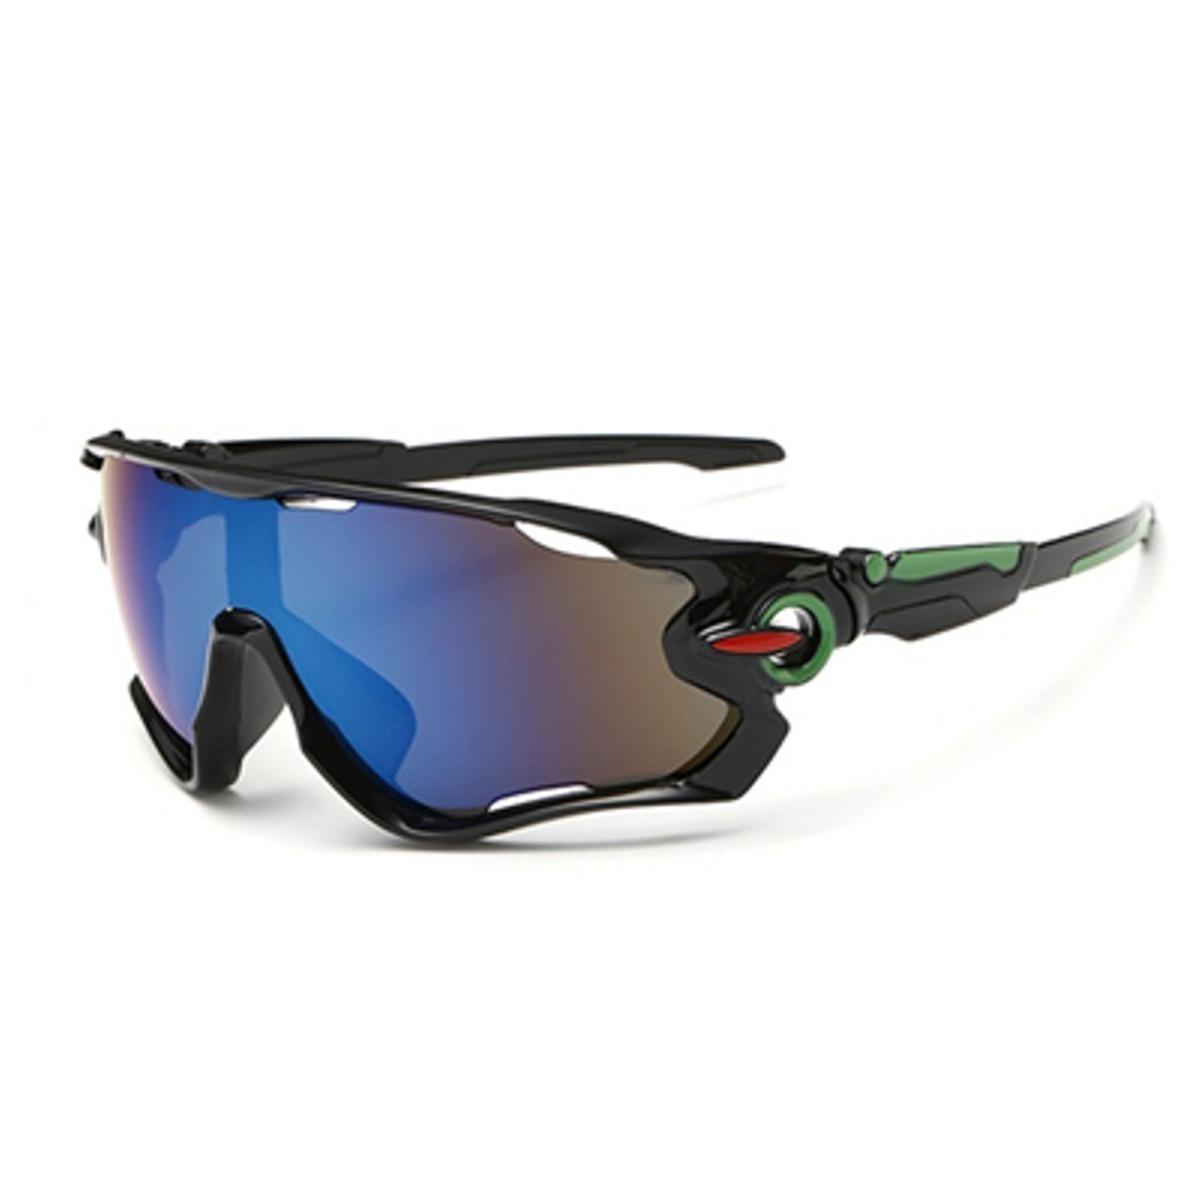 e8d027bca8c86 Óculos Ciclismo Mtb Sped Bike Cores Andar Bike Esportivo - R  24